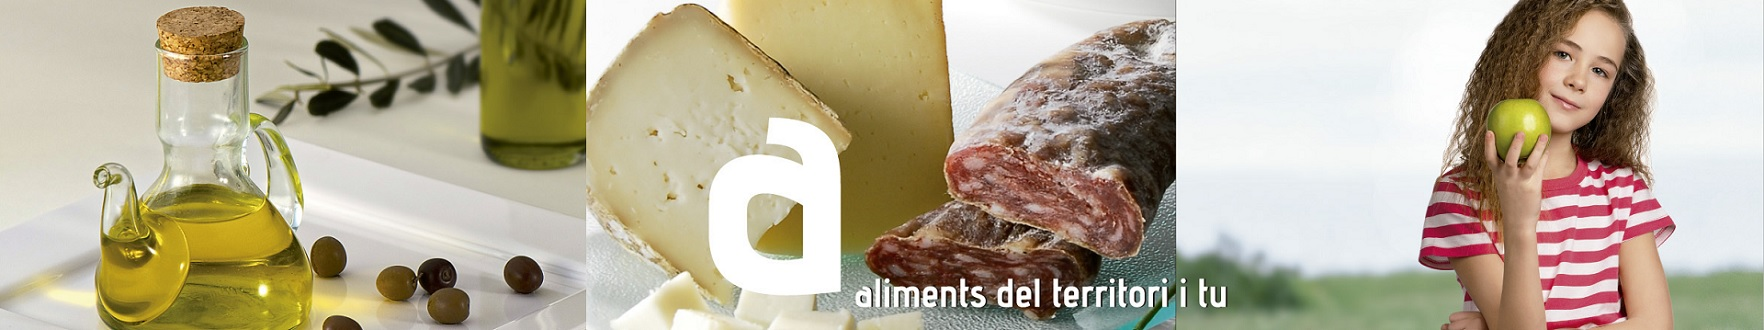 Bolets Zamora Alimentació i begudes El Pont de Suert Lleida